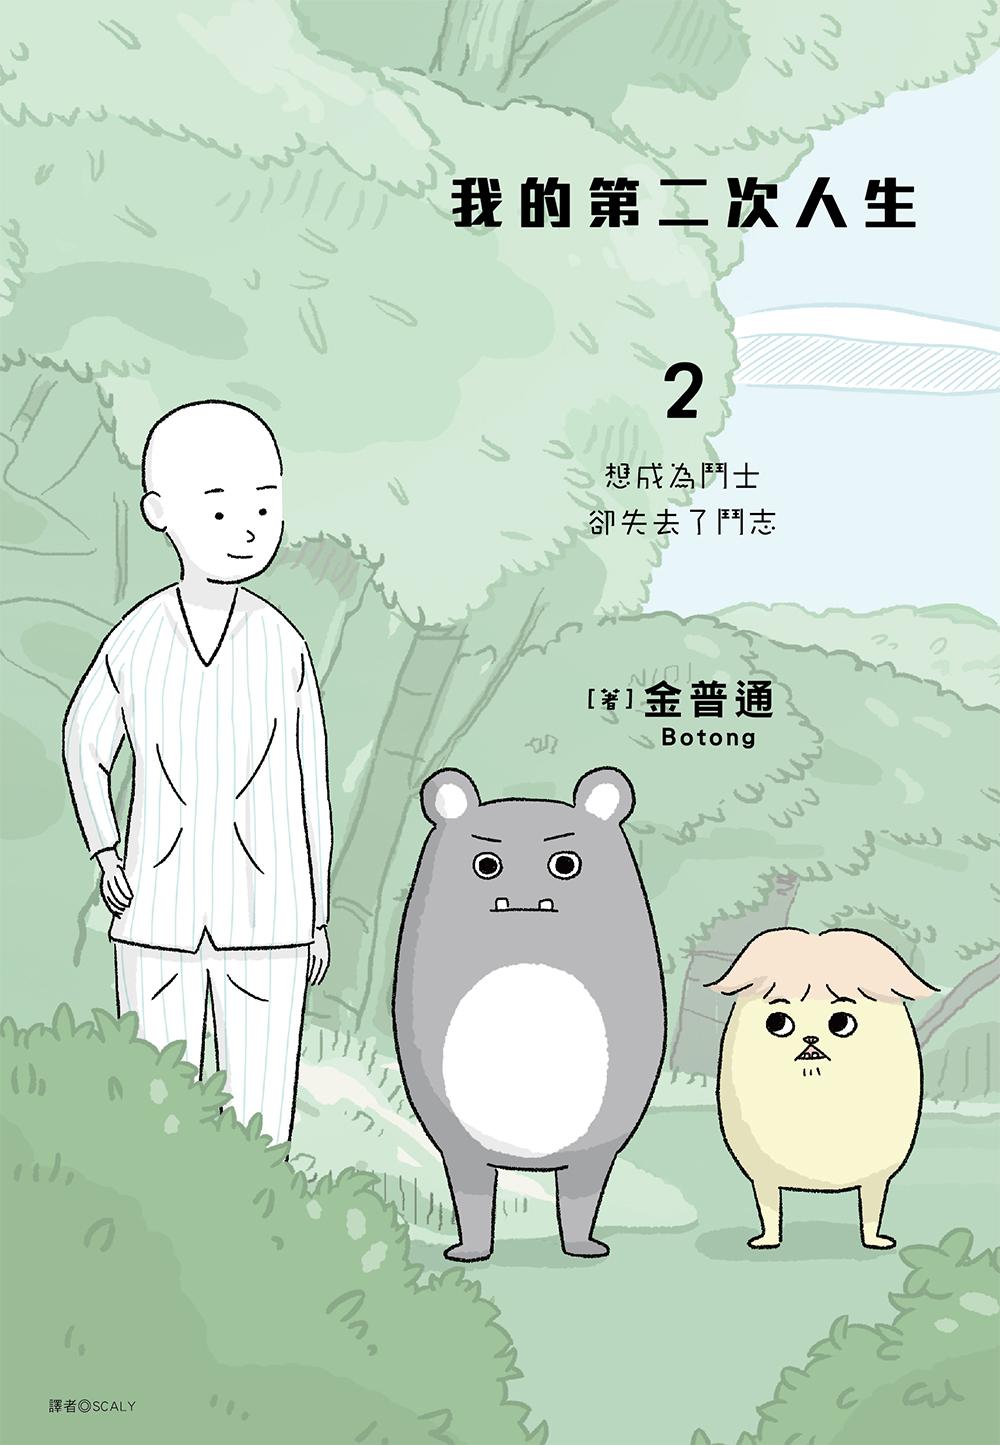 26歲的青年被宣告胃癌末期後展開的《我的第二次人生》 韓國超人氣療癒繪本描繪人生突變的衝擊與面對! Iayyuy11